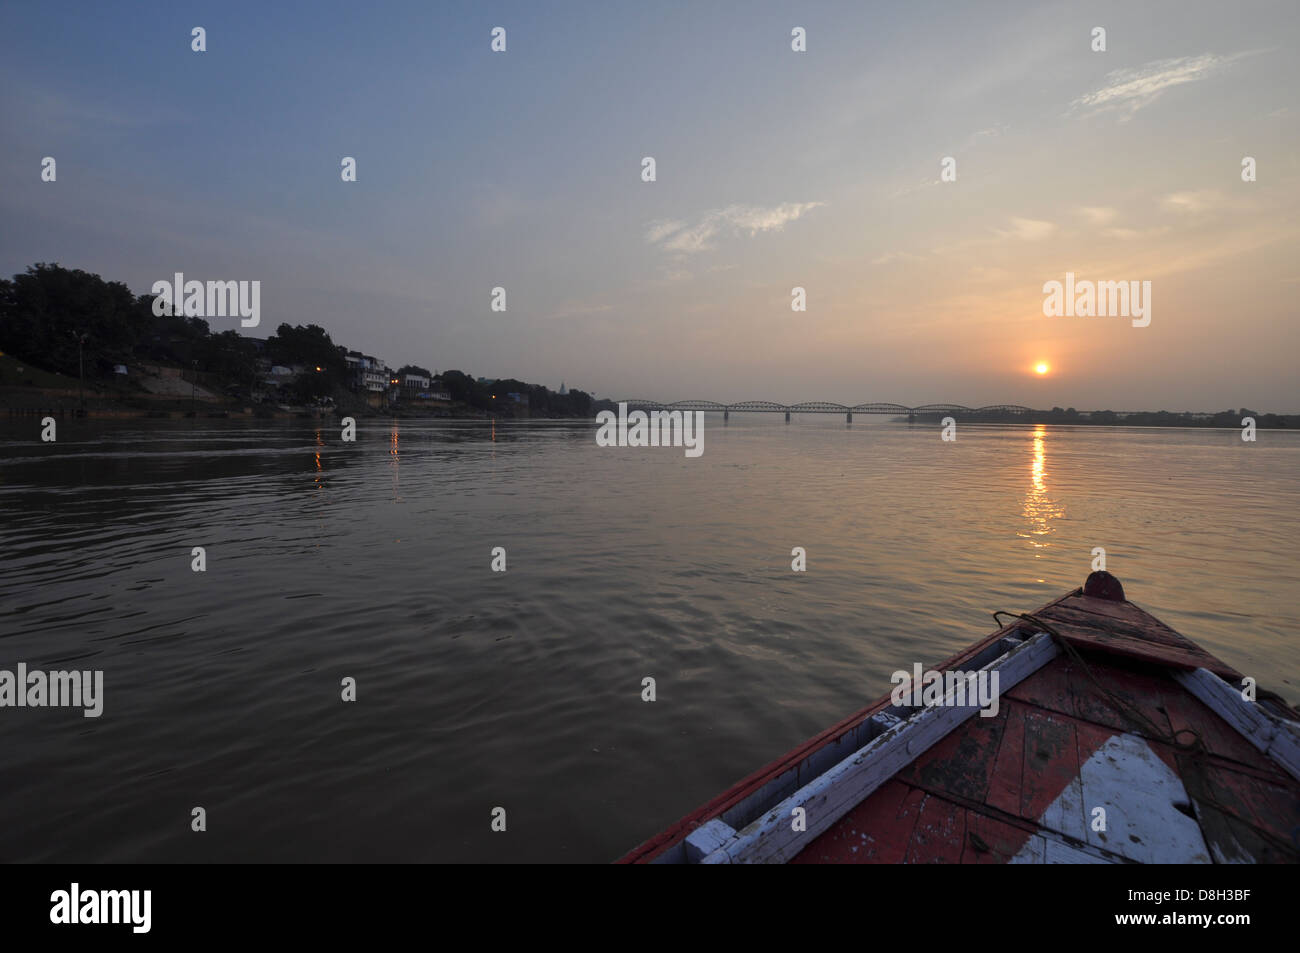 Río waterscape al anochecer, cerca de Varanasi, Uttar Pradesh, India Imagen De Stock